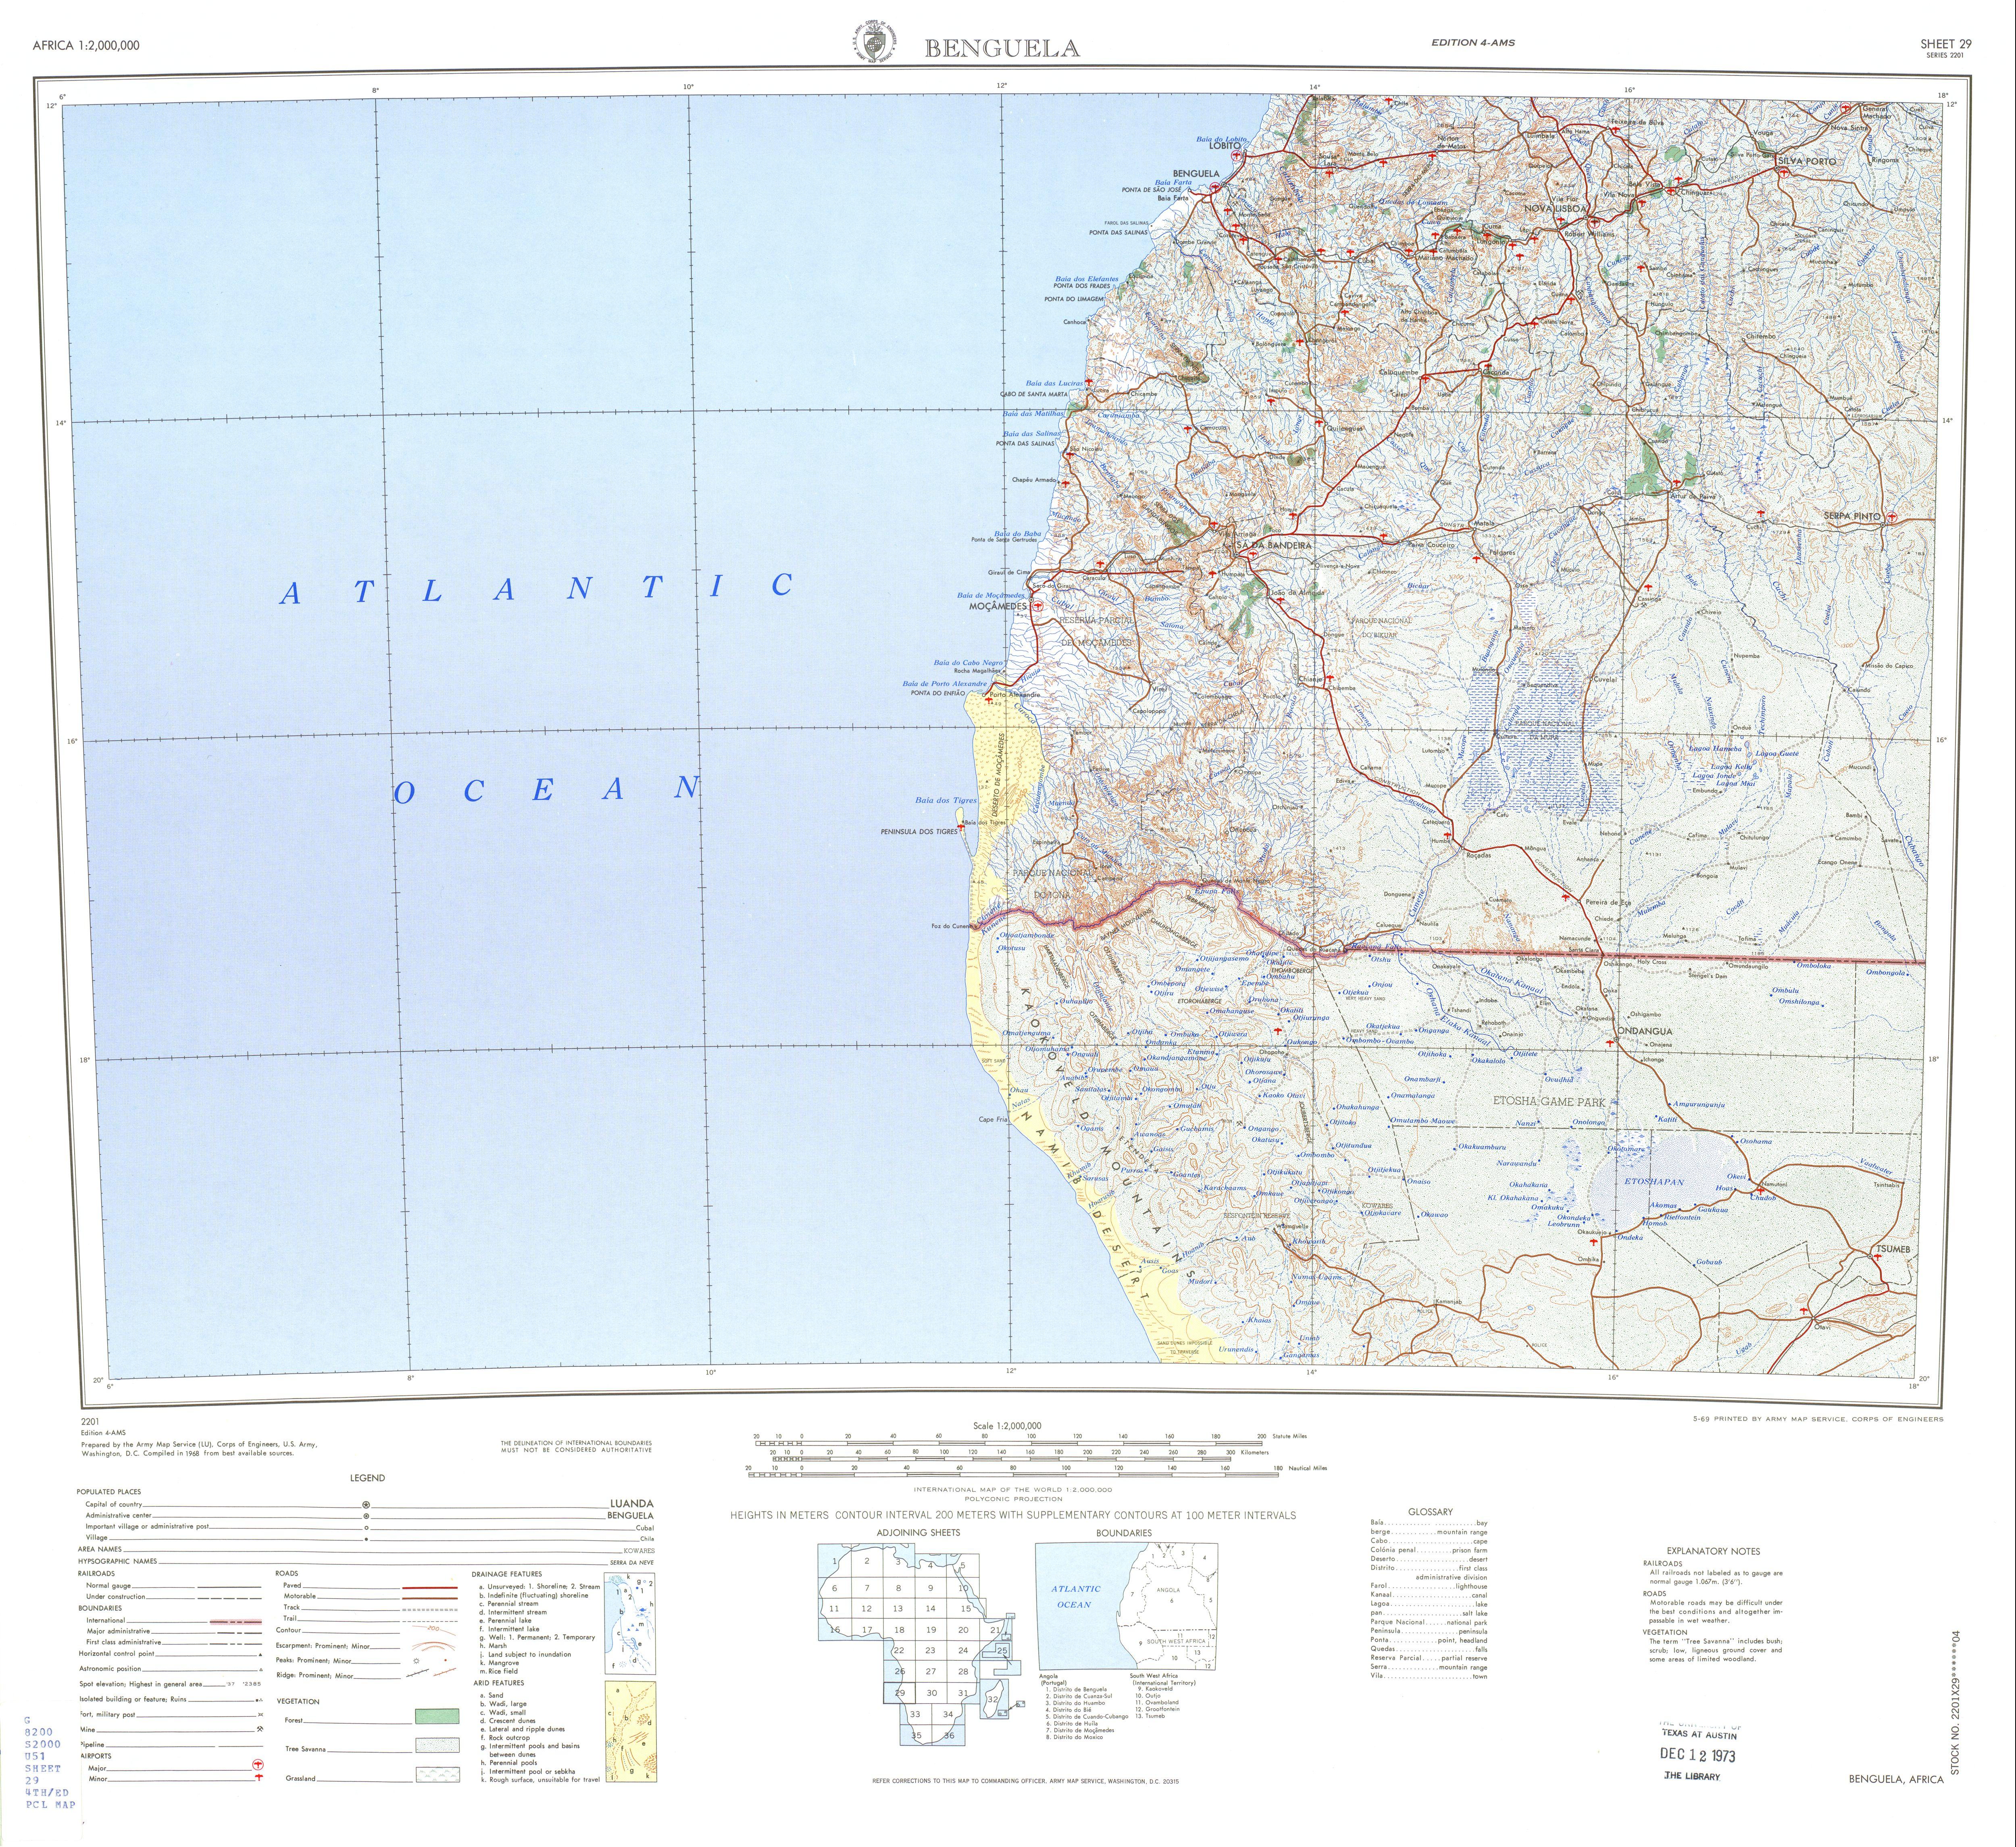 Hoja Benguela del Mapa Topográfico de África 1968